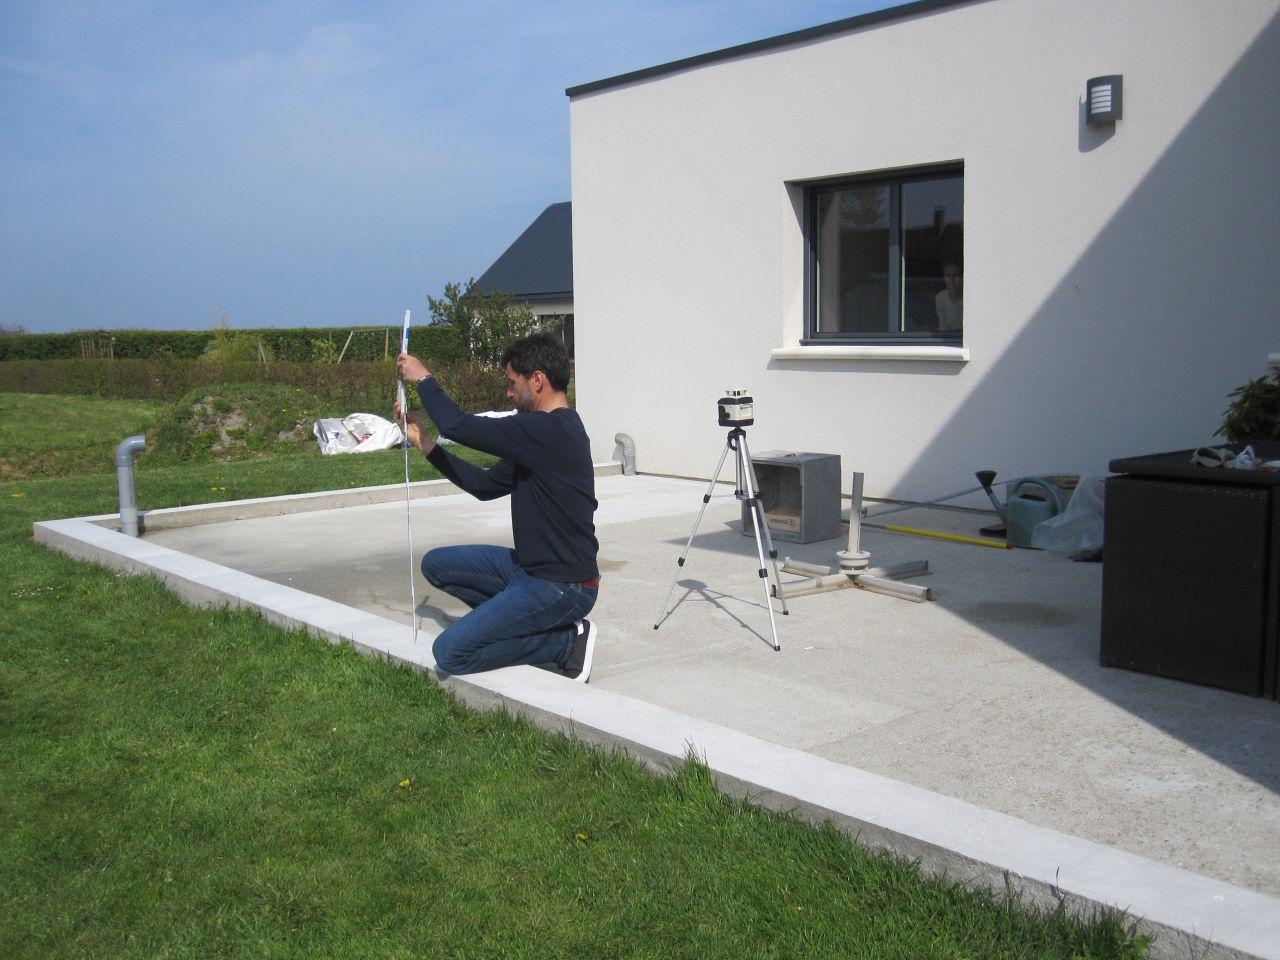 prise de cote au laser par le commercial, avant le lancement de la production.